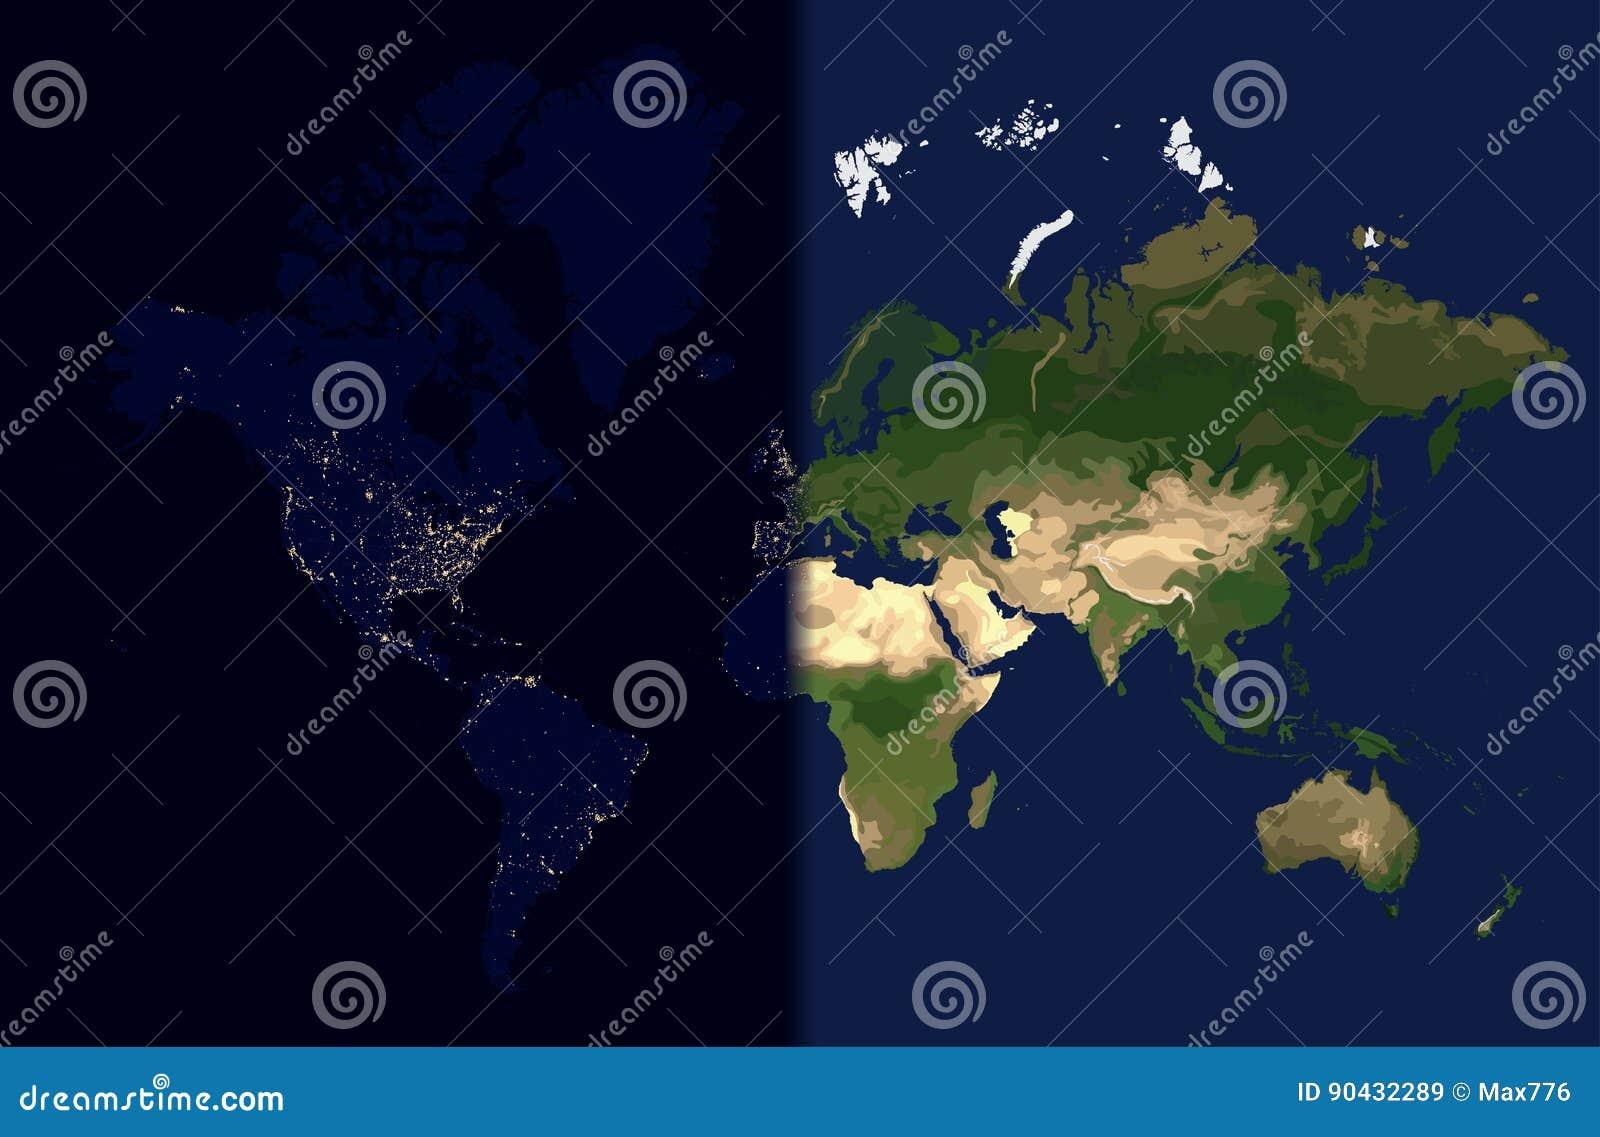 Carte Du Monde Jour Nuit.Jour Dans L Est Nuit Dans L Ouest Vecteur De Carte Du